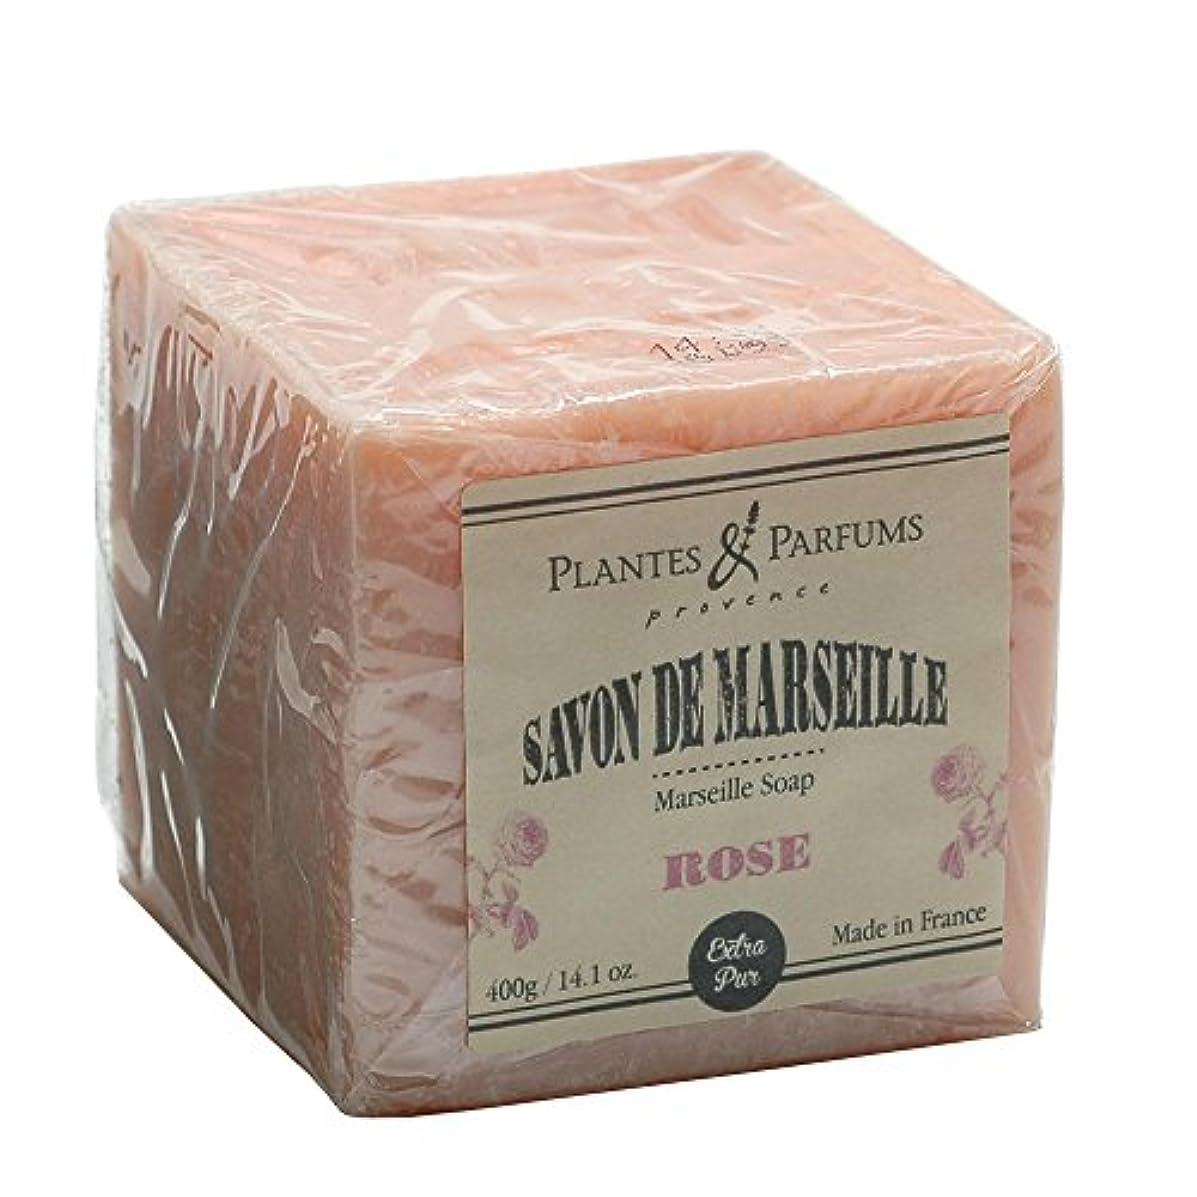 お香ヘクタールミニチュアPlantes&Parfums [プランツ&パルファム] マルセイユソープ400g ローズ